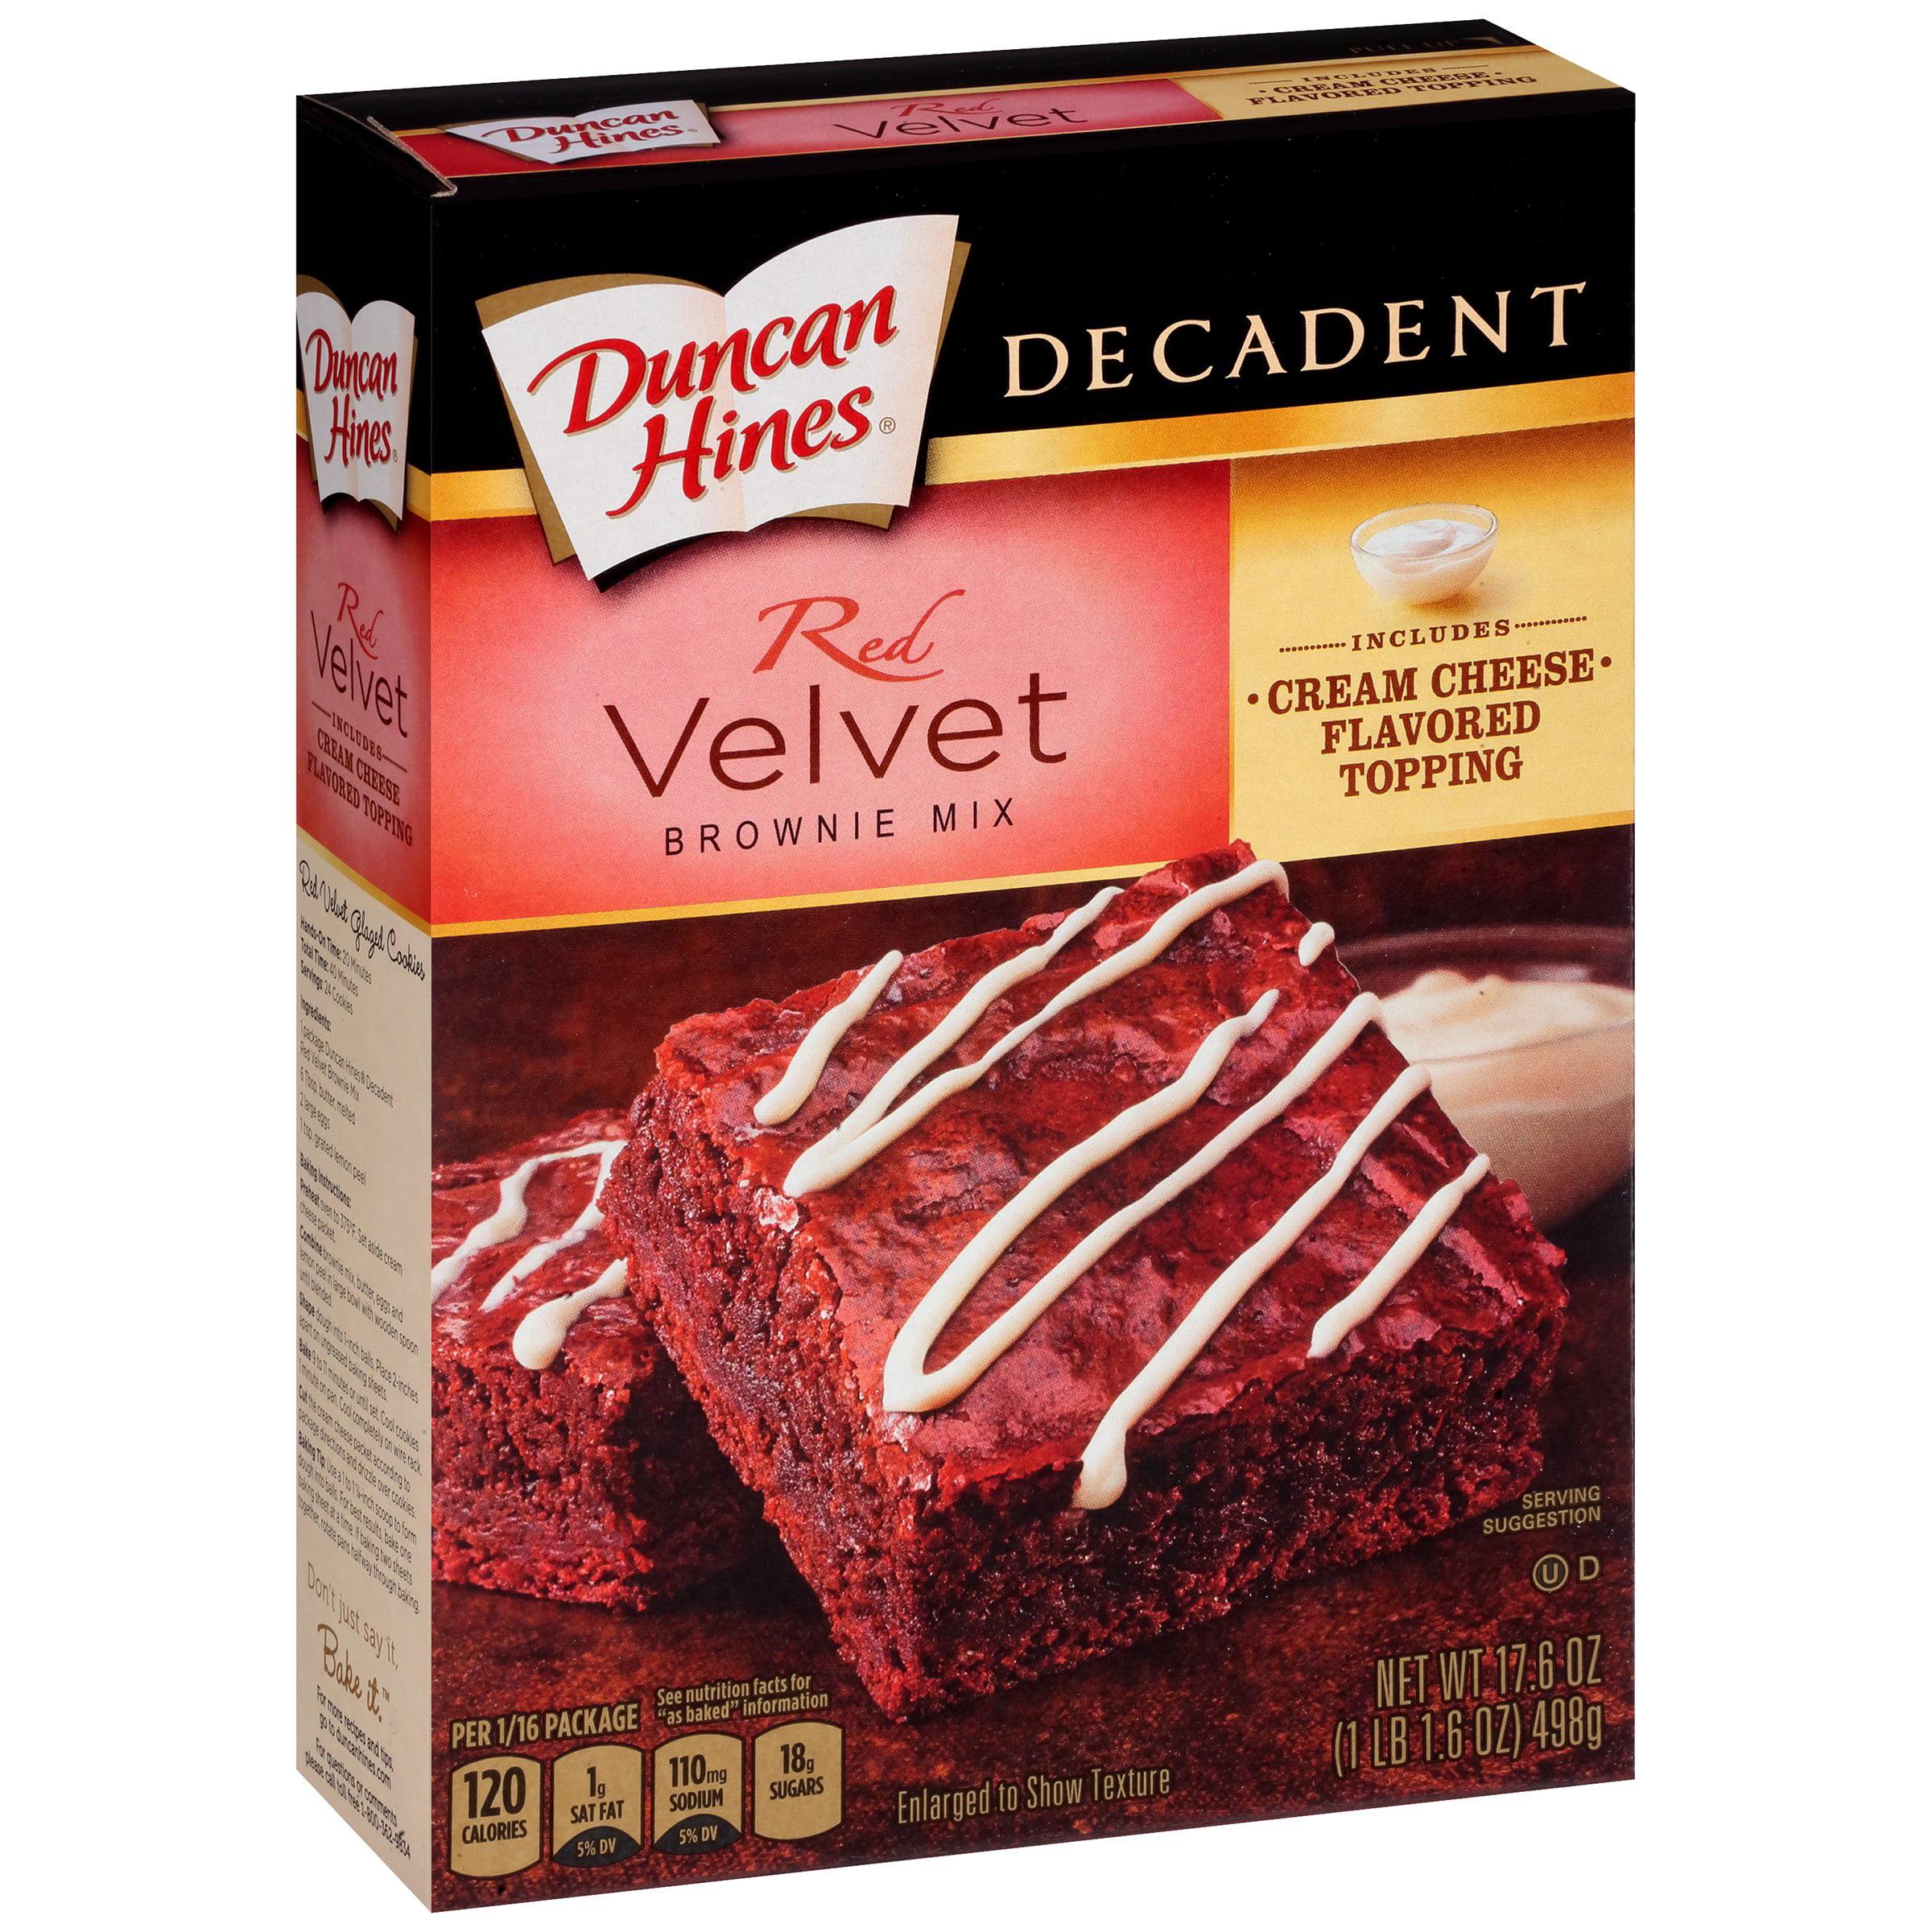 Duncan Hines Decadent Brownie Mix Red Velvet 176 OZ Walmartcom